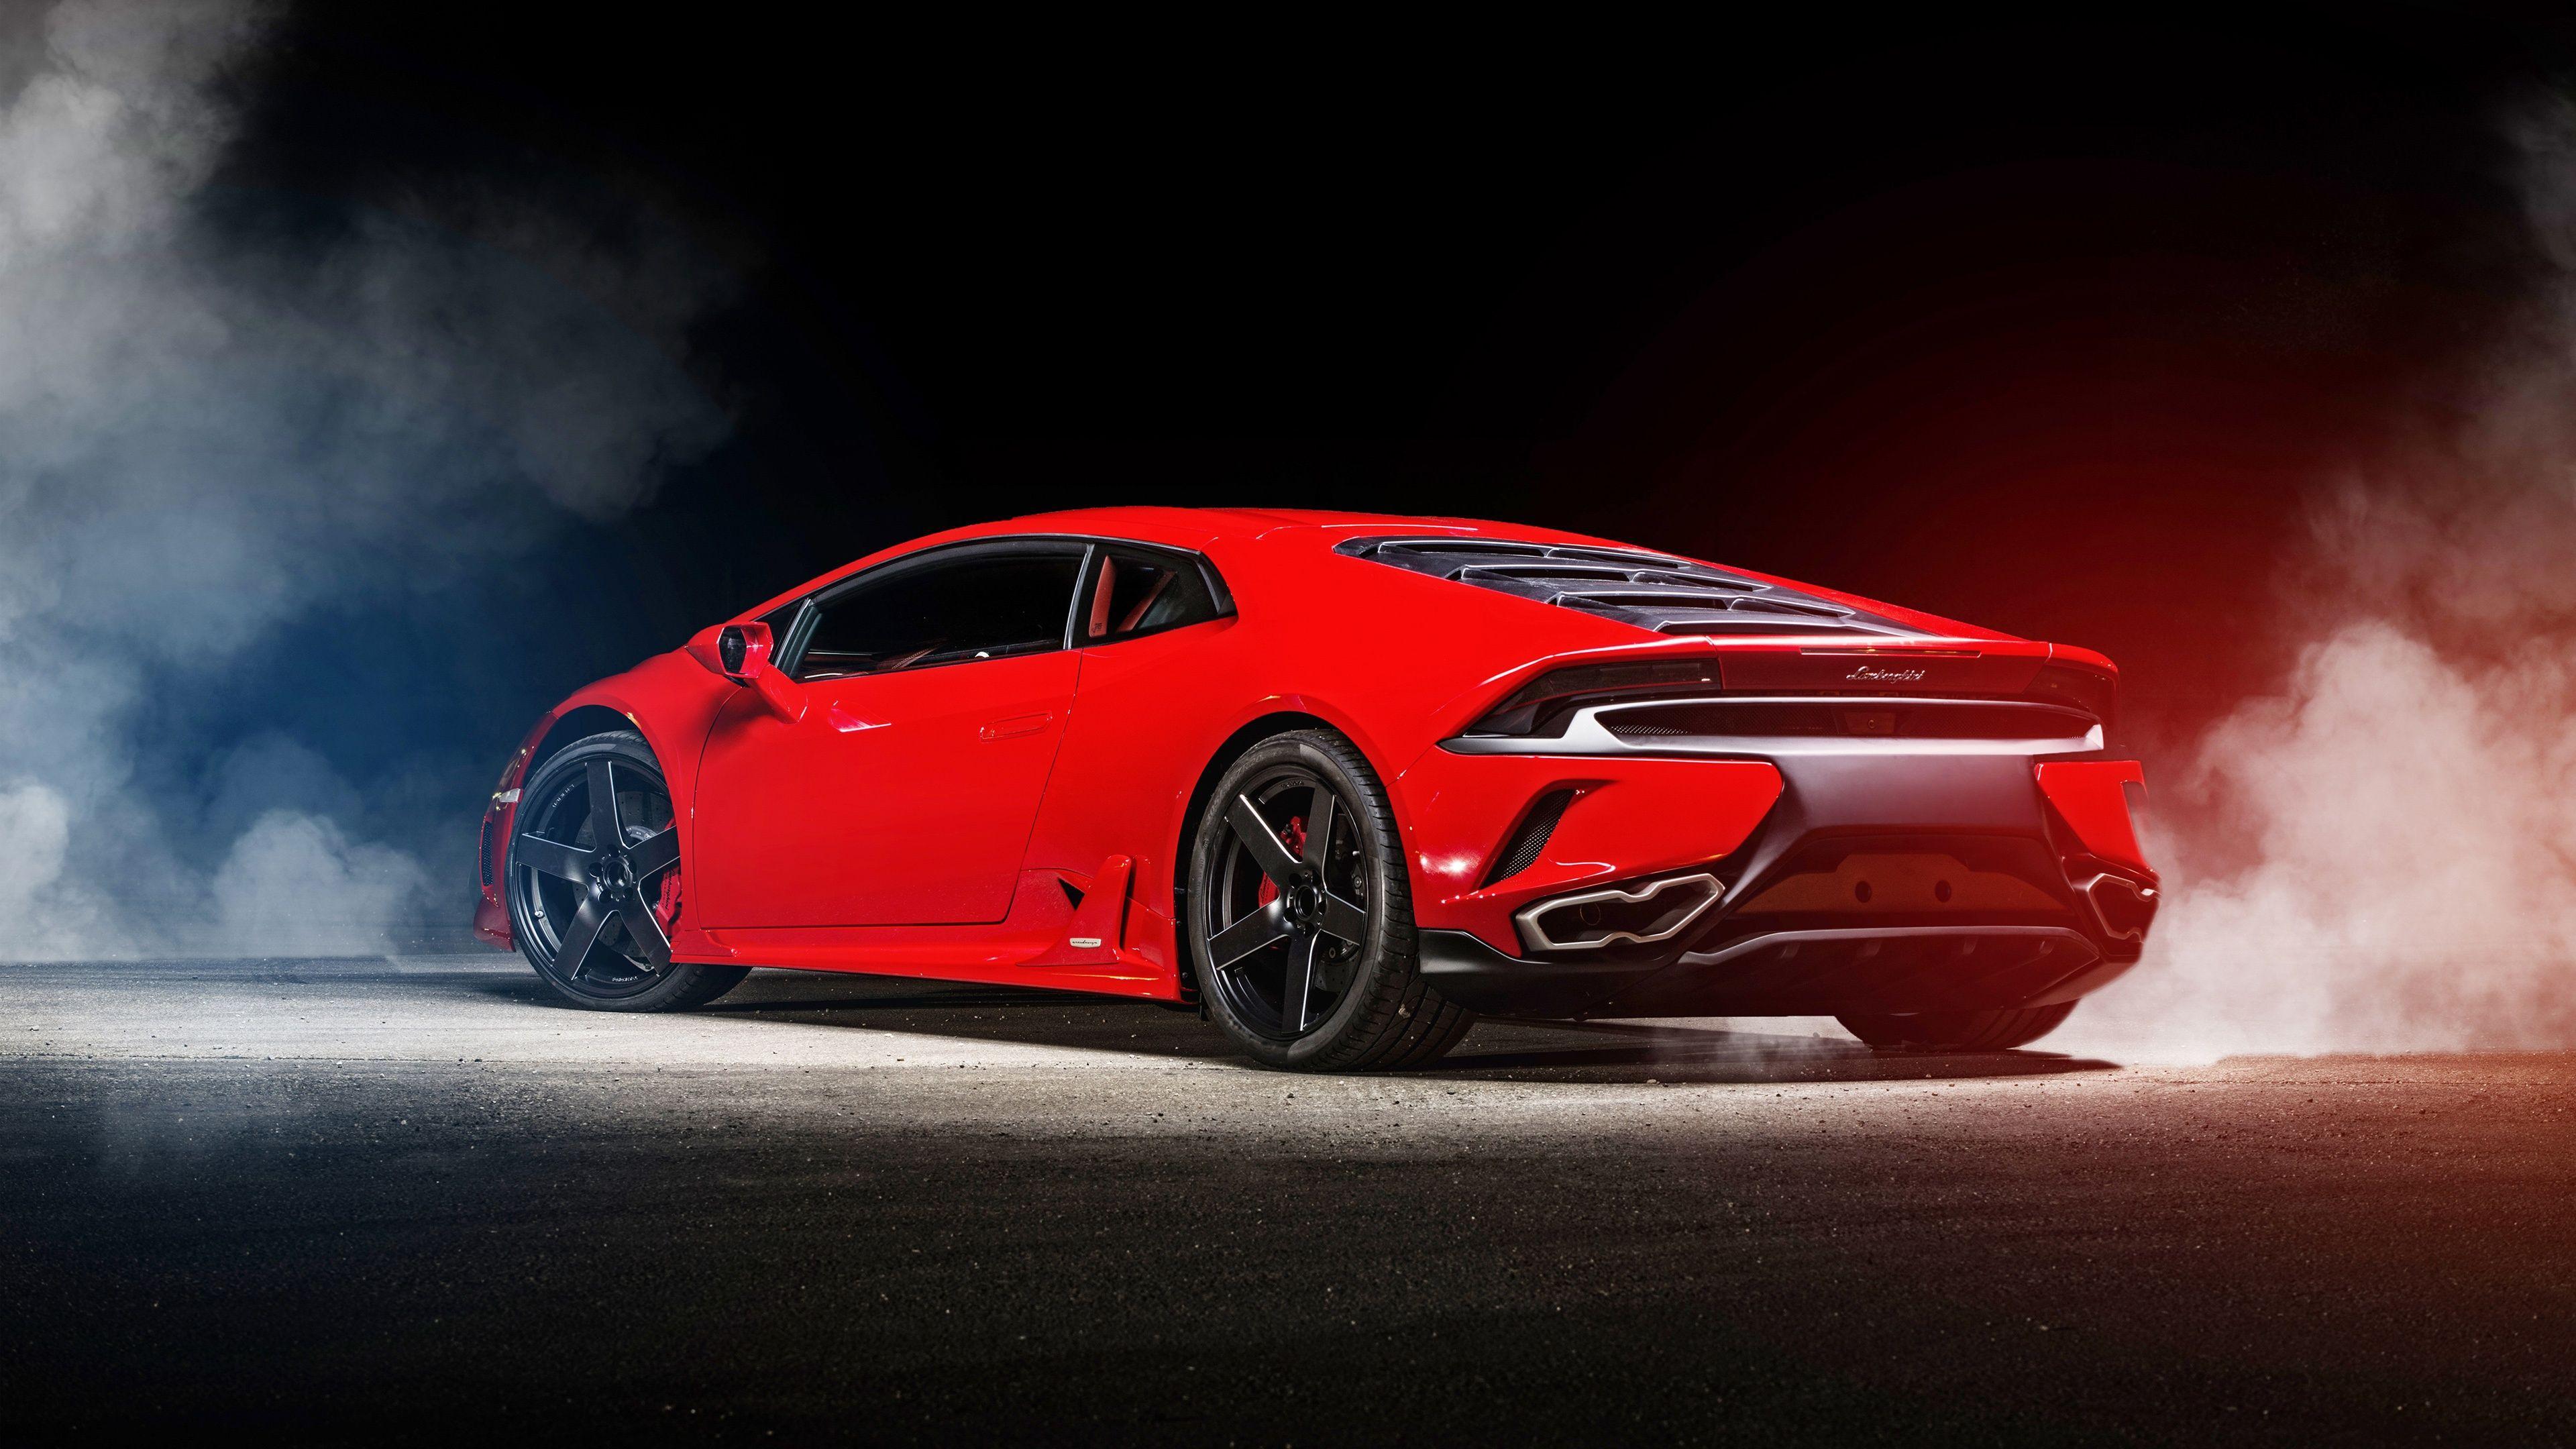 Red Lamborghini Wallpapers Top Free Red Lamborghini Backgrounds